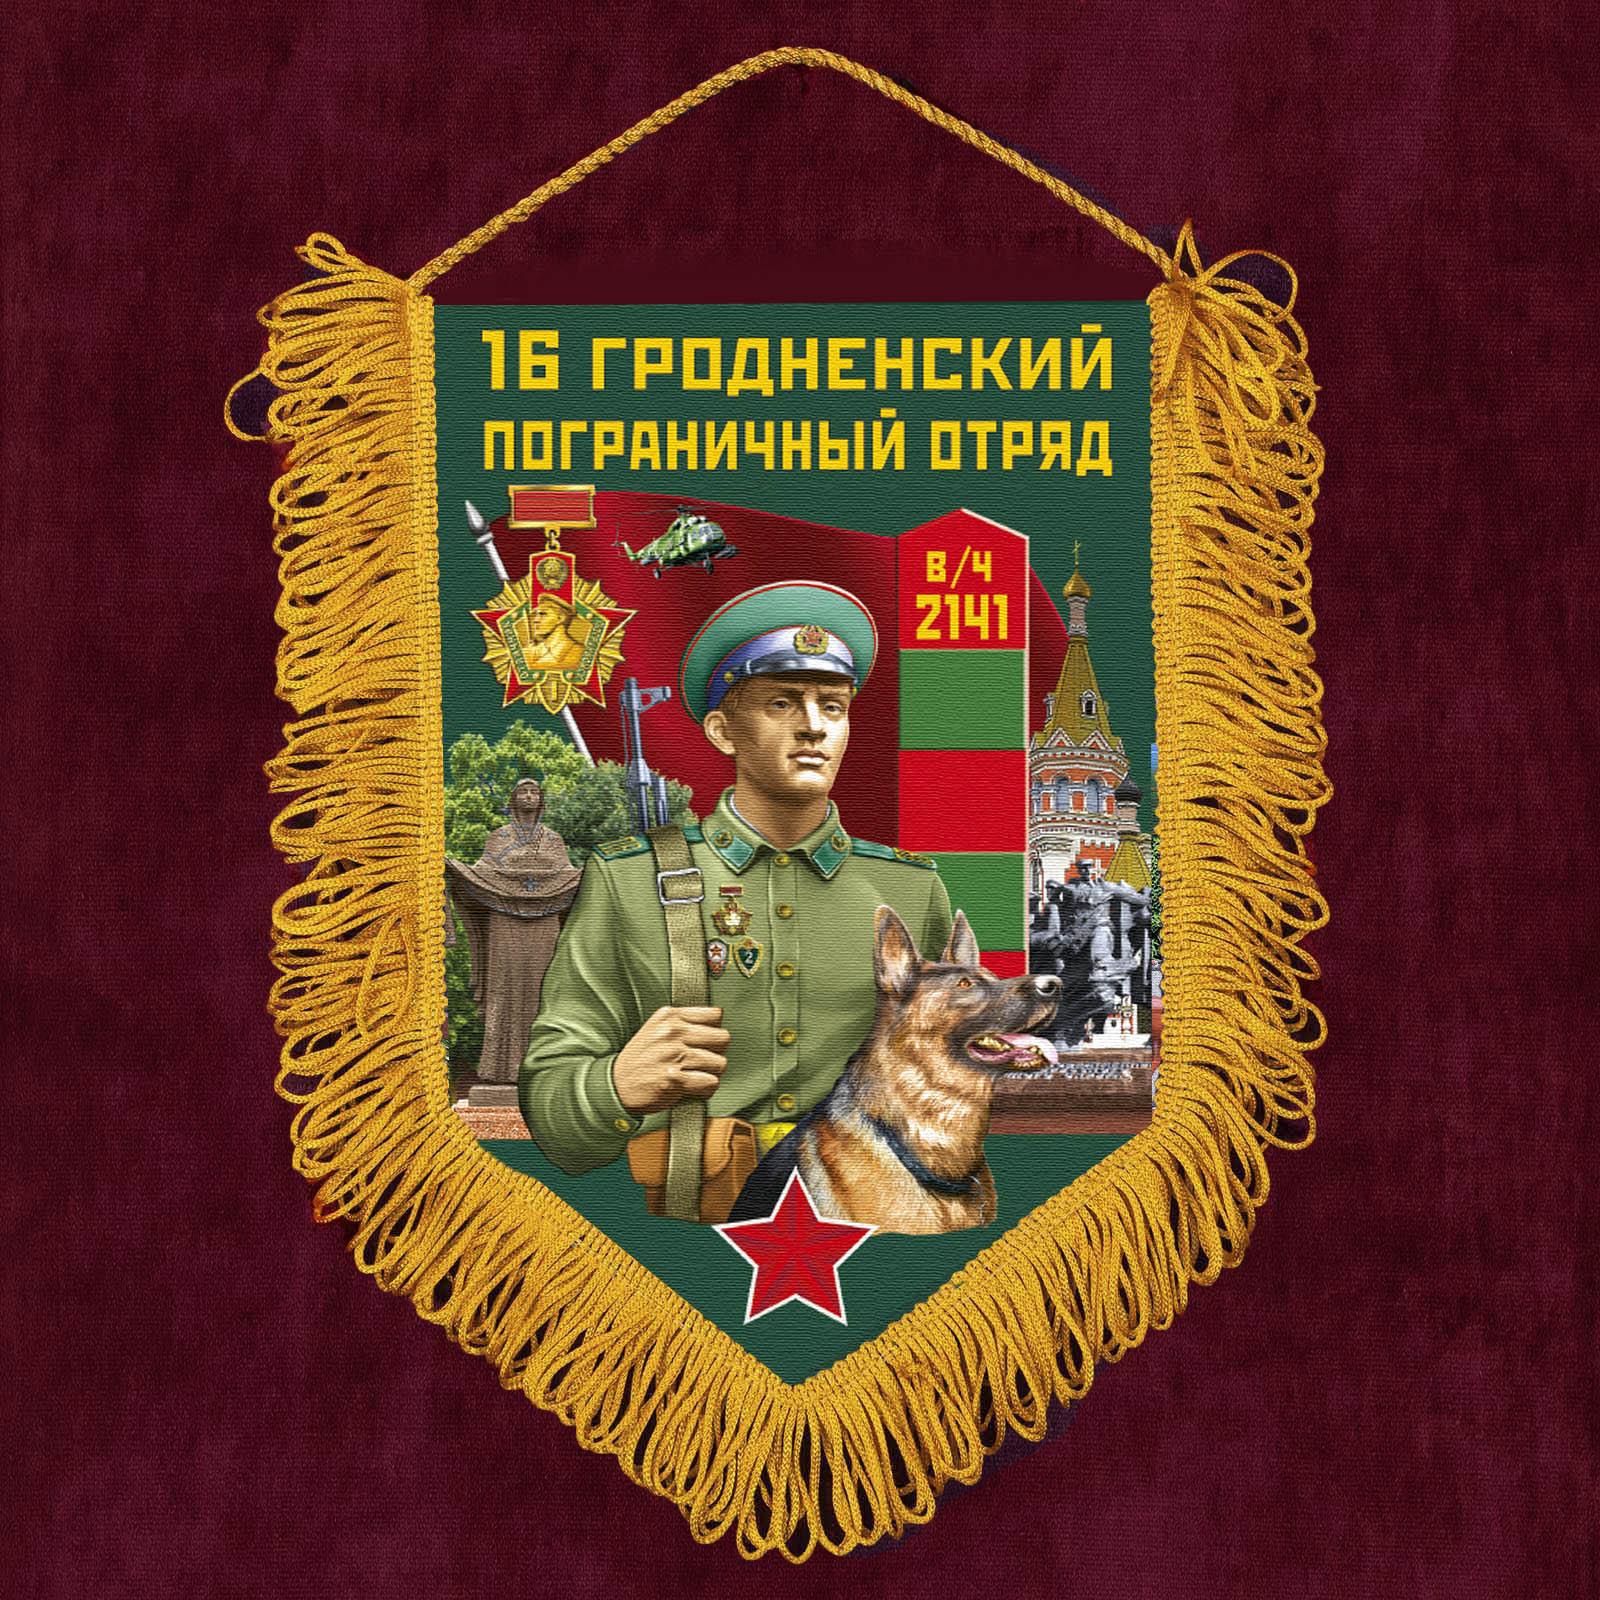 """Наградной вымпел """"16 Гродненский пограничный отряд"""""""